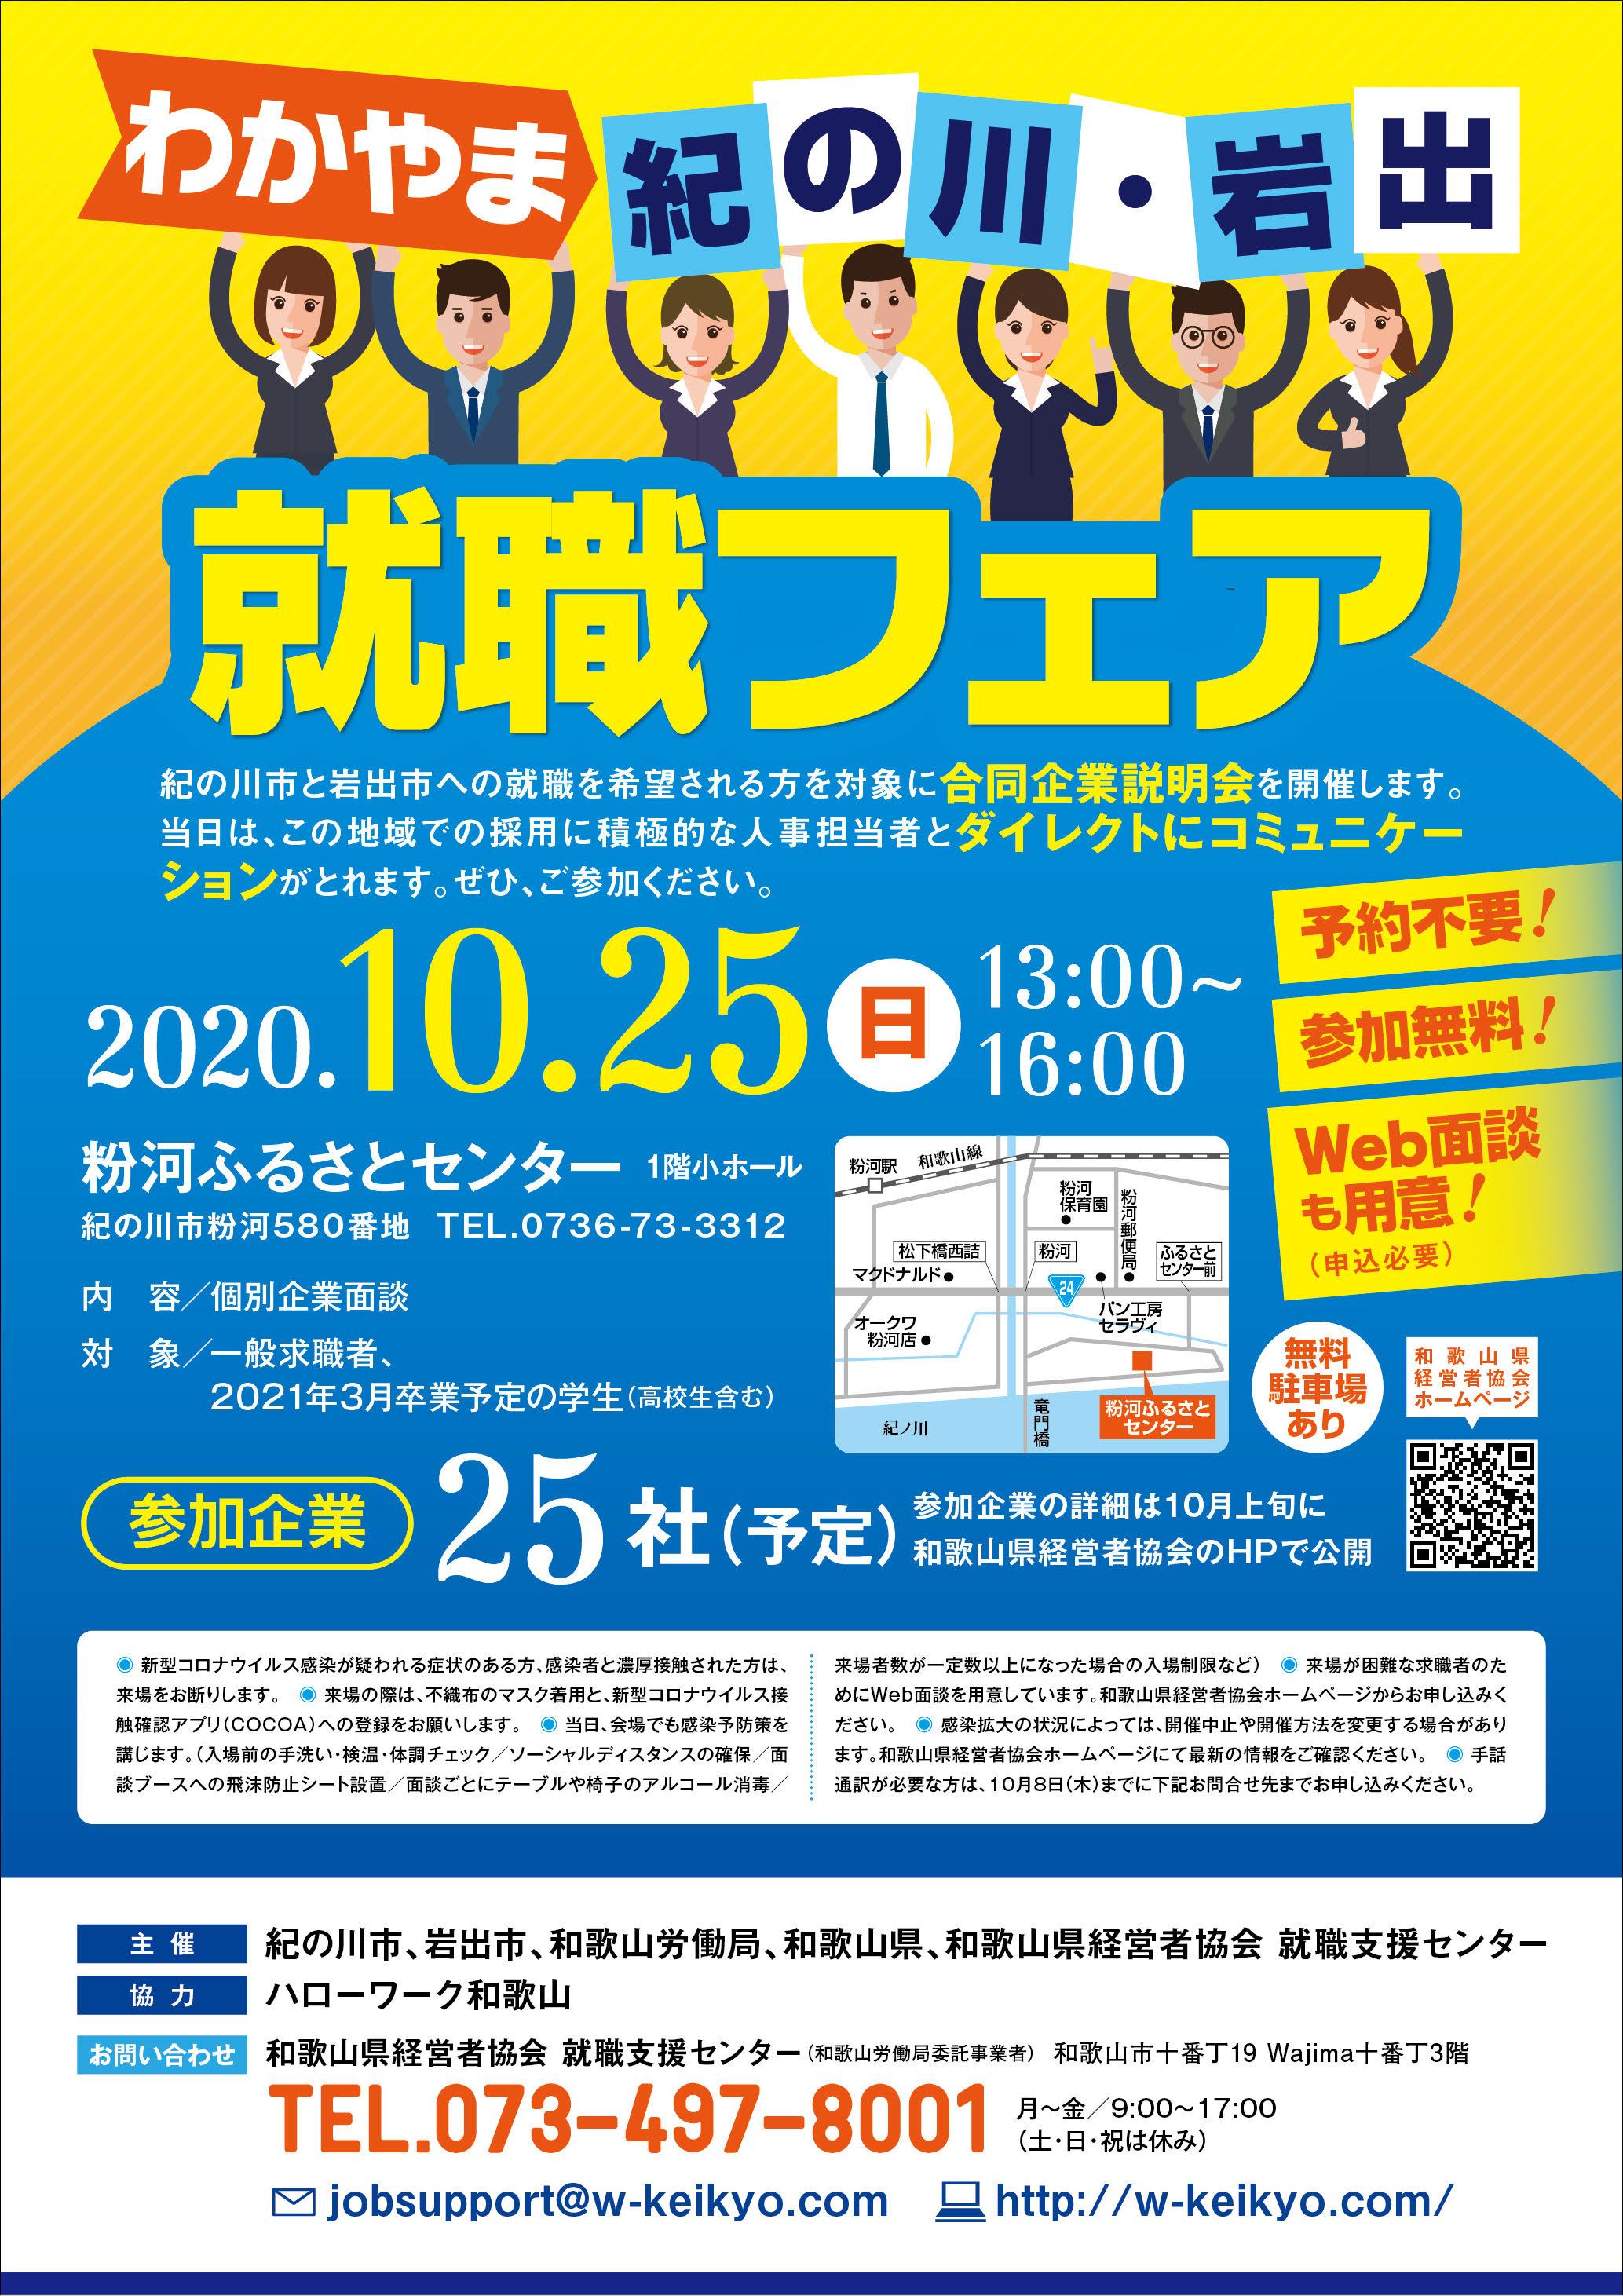 1025kinokawa fair